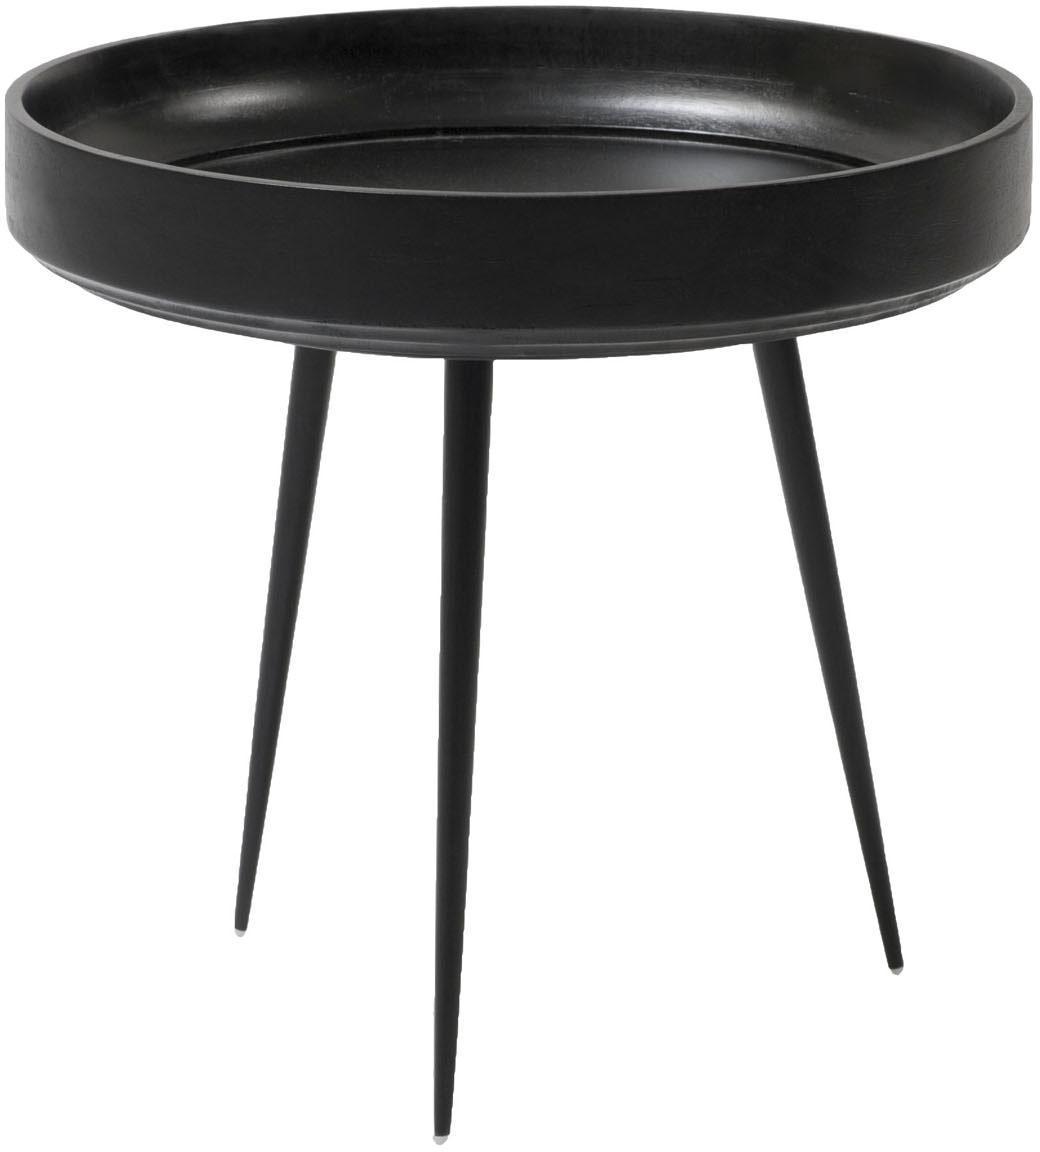 Kleiner Design-Beistelltisch Bowl Table aus Mangoholz, Tischplatte: Mangoholz, gebeizt und kl, Beine: Stahl, pulverbeschichtet, Schwarz, Ø 40 x H 38 cm